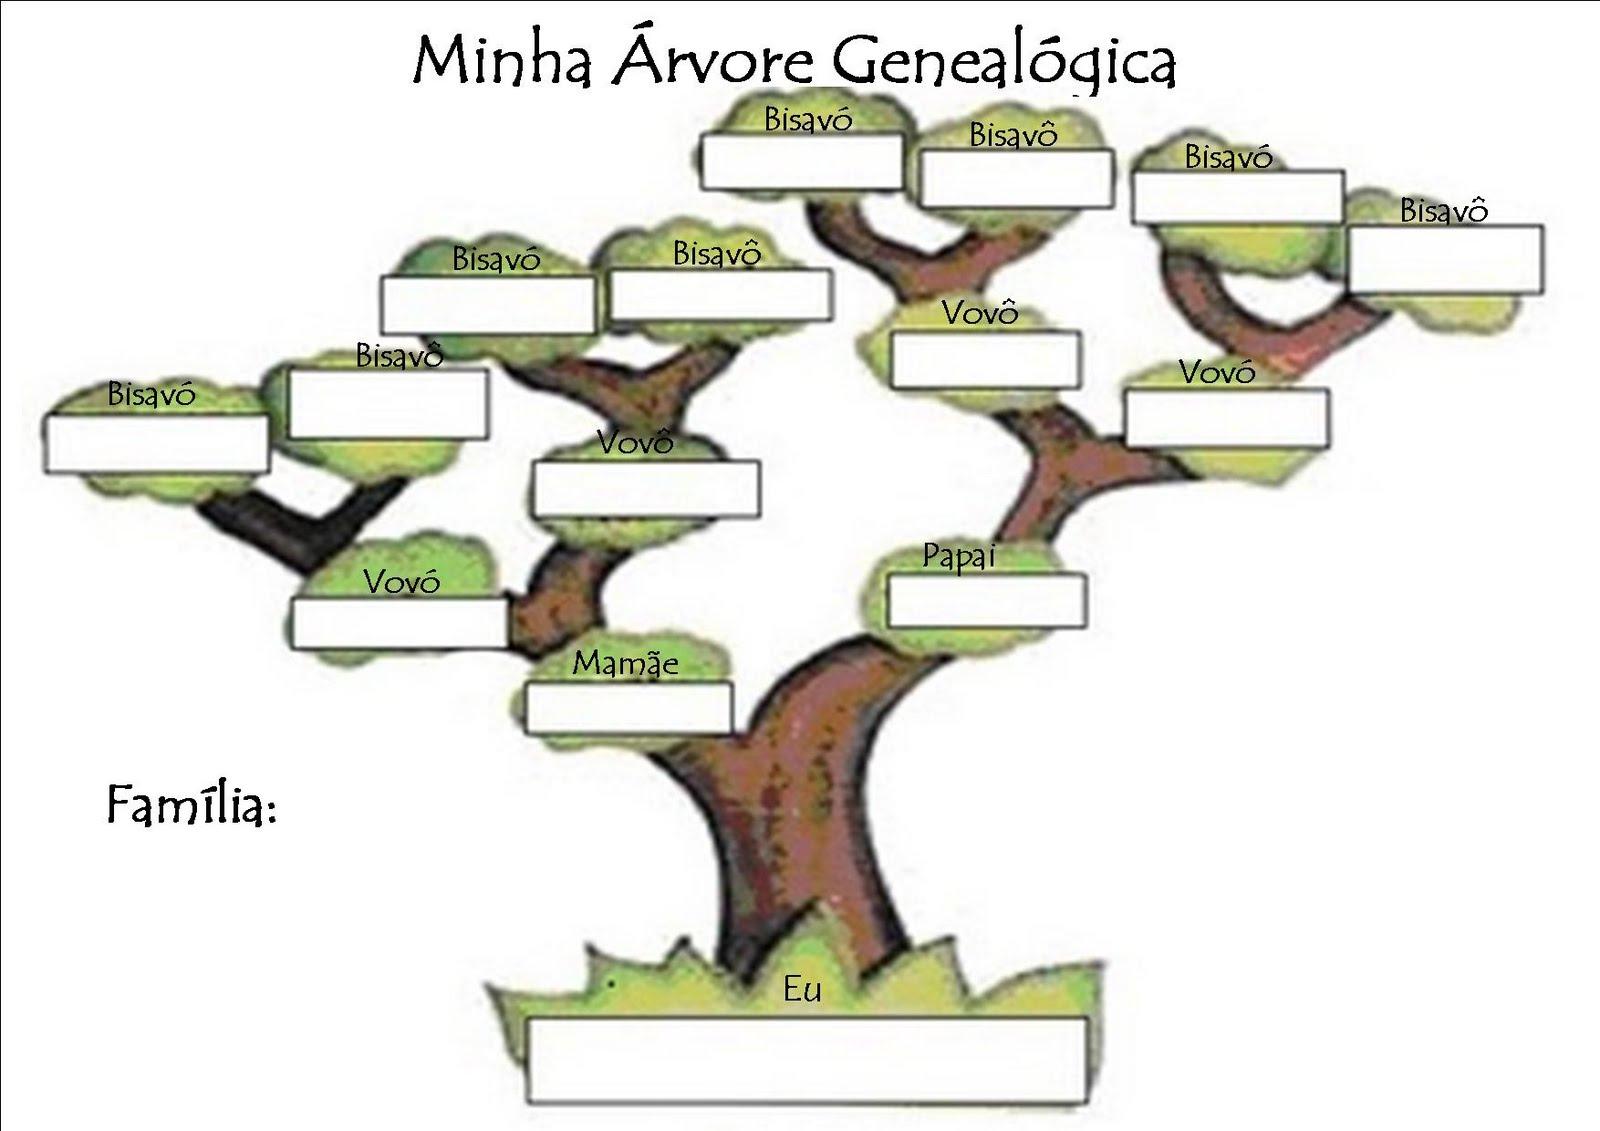 #848B40 Como fazer uma árvore genealógica Como Fazer 1600x1131 px Como Fazer Um Projeto De Cozinha Pela Internet_3093 Imagens